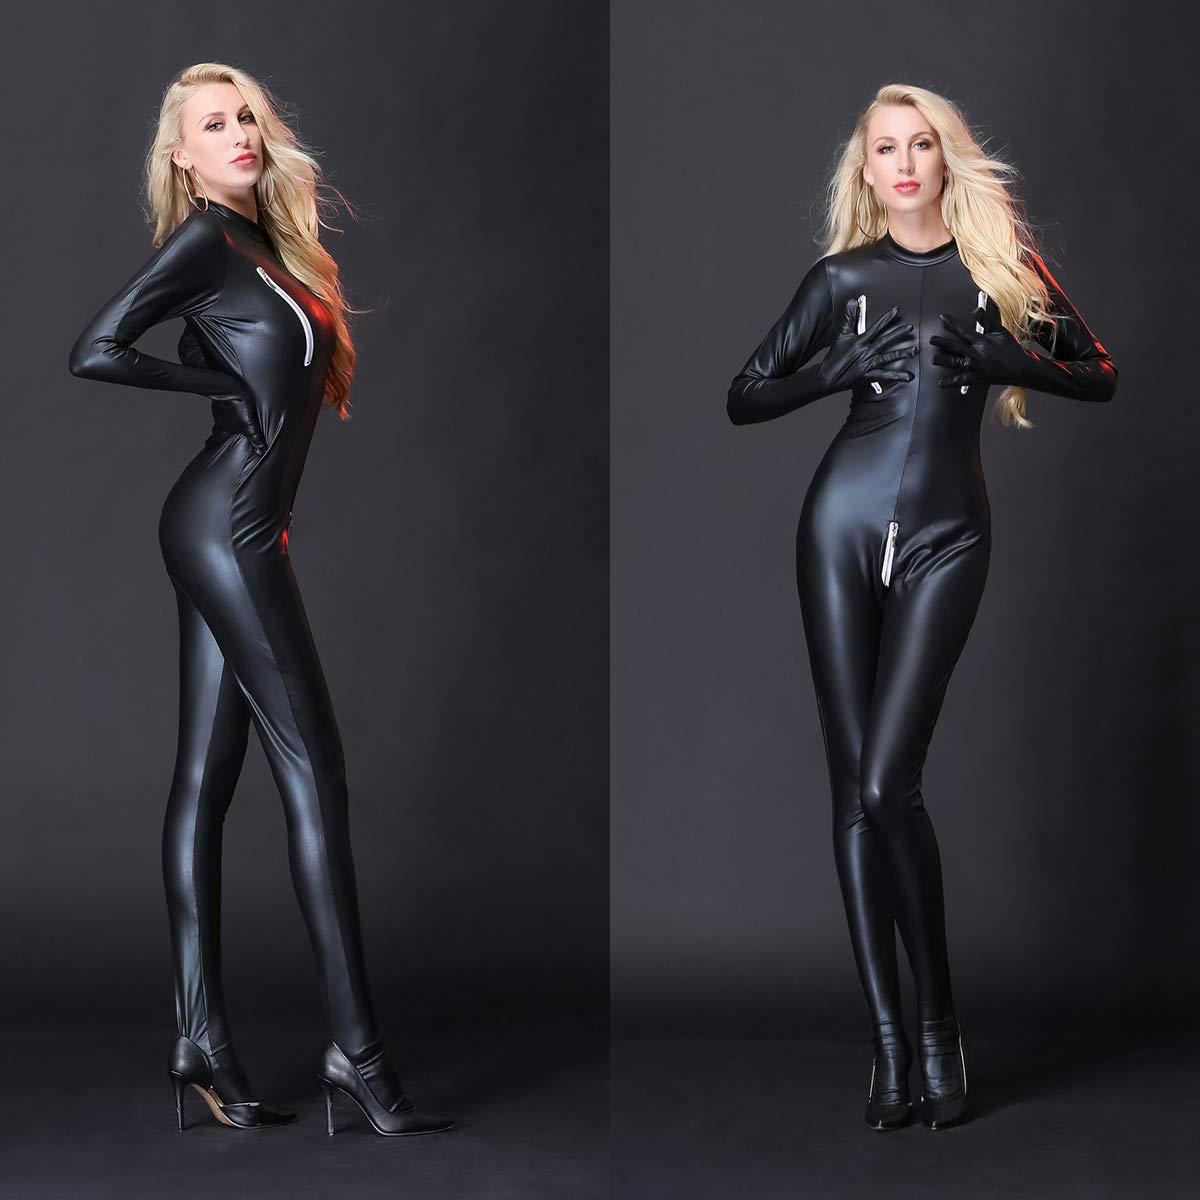 W&TT Sexy Cuero Traje de Montar Cremallera Pantalones de Cuero Sexy Wetlook Catsuit Leotardo Babydoll Papel Partido Clubwear,negro,XL af893b